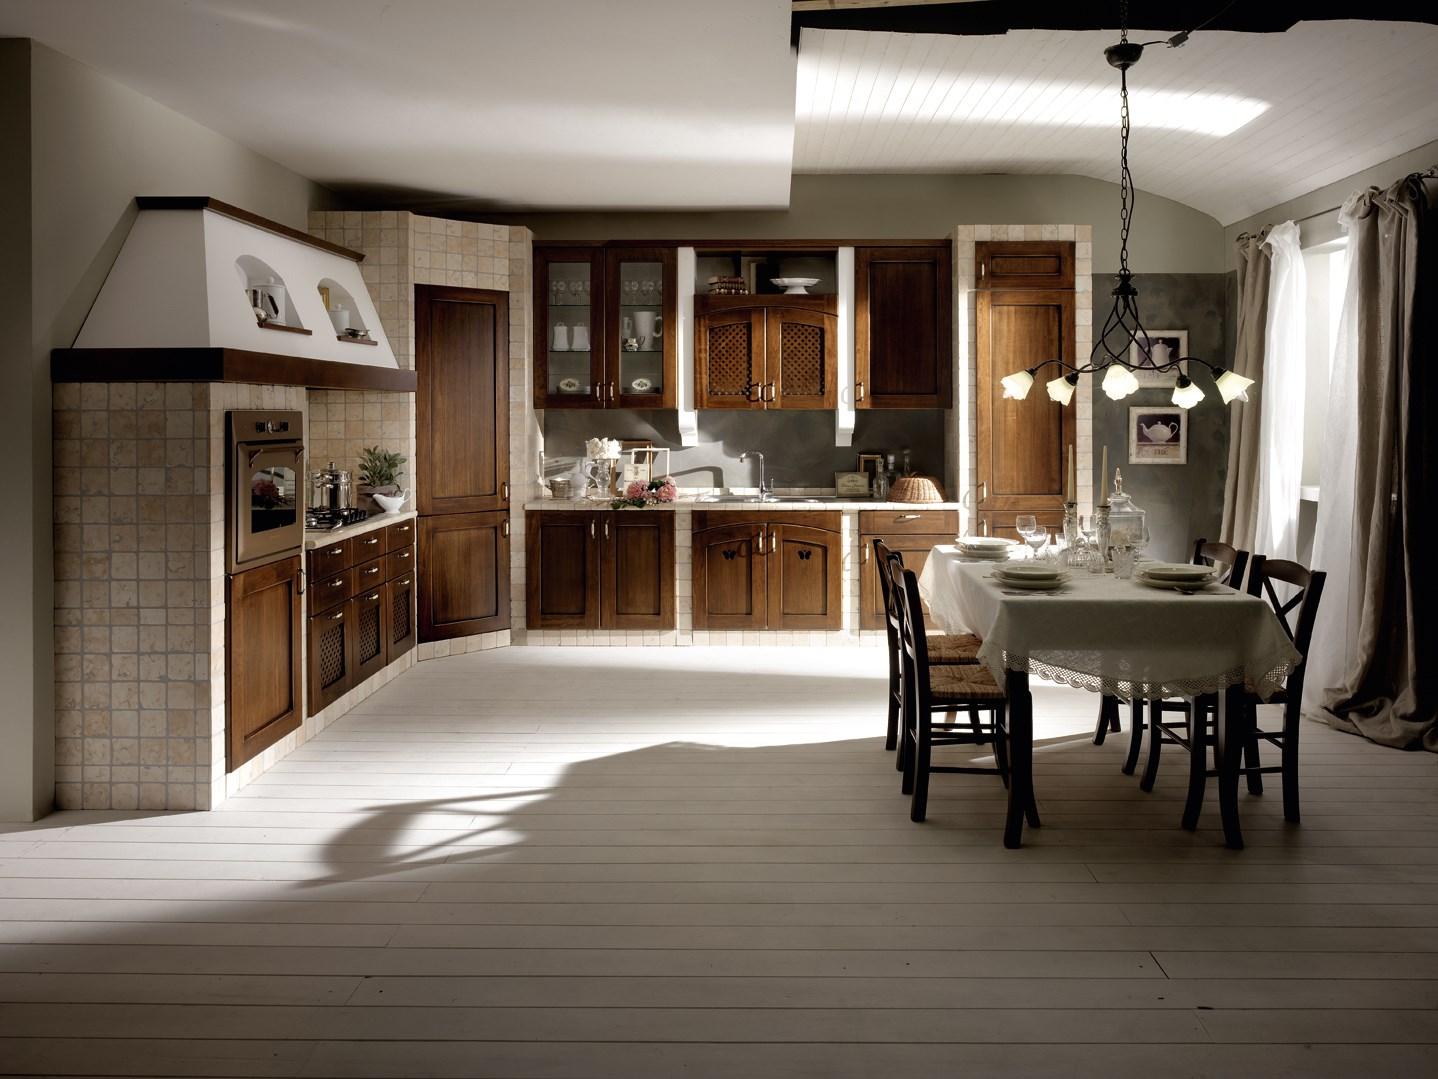 Piani da lavoro e superfici piastrellate per cucina - Piani da cucina ...